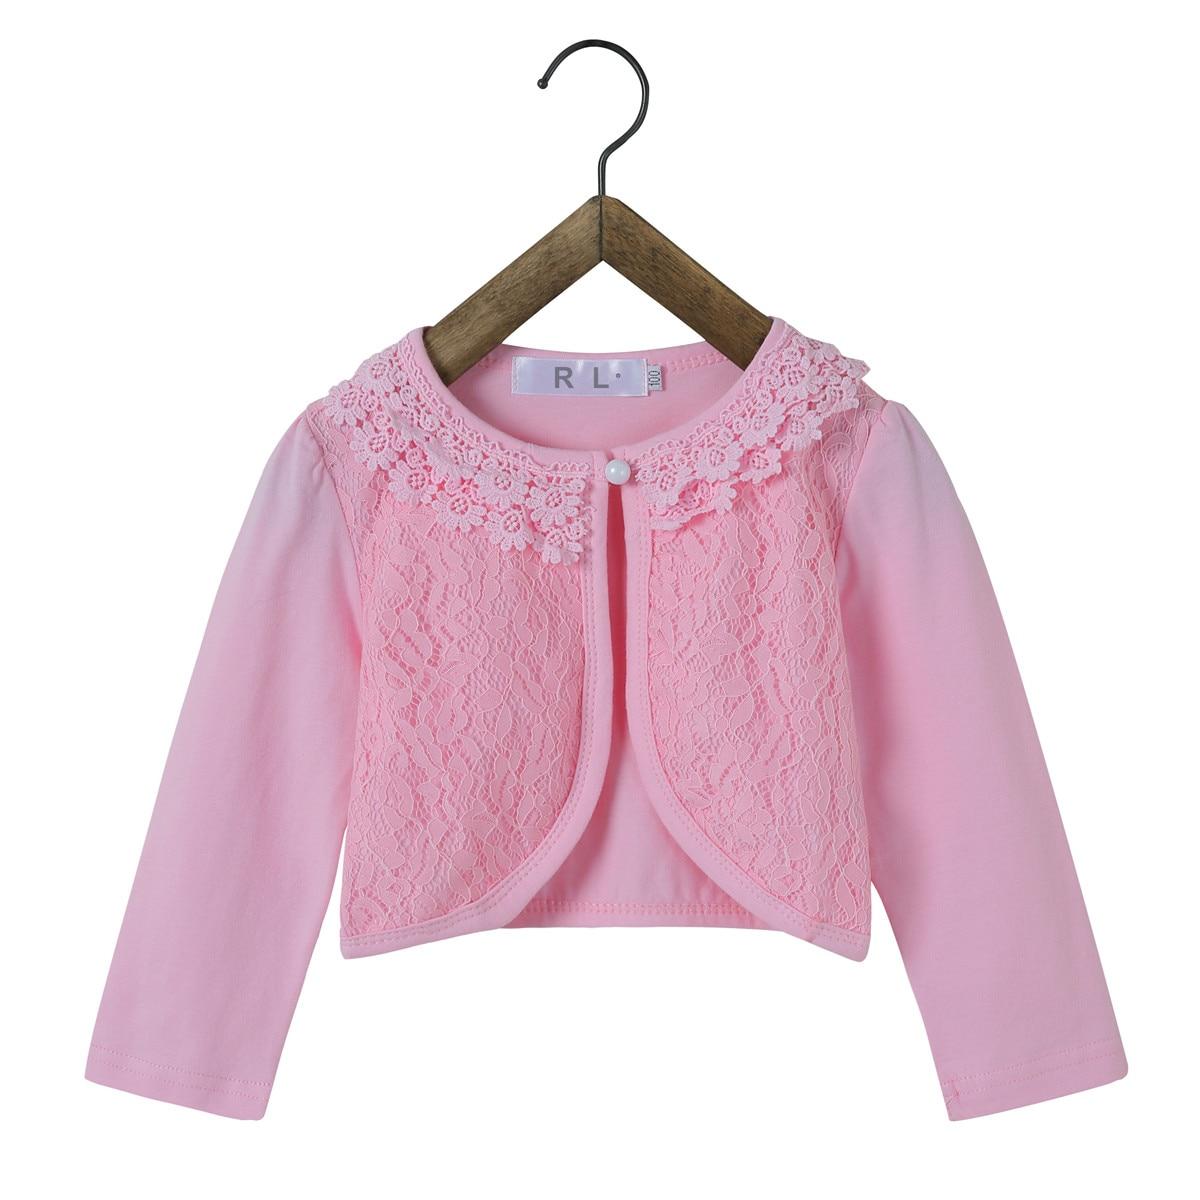 2018 Baby Mädchen Oberbekleidung 100% Baumwolle Weiß Baby Mädchen Jacke Strickjacke Für 12-24 Monate Baby Mädchen Kleidung Akc165001